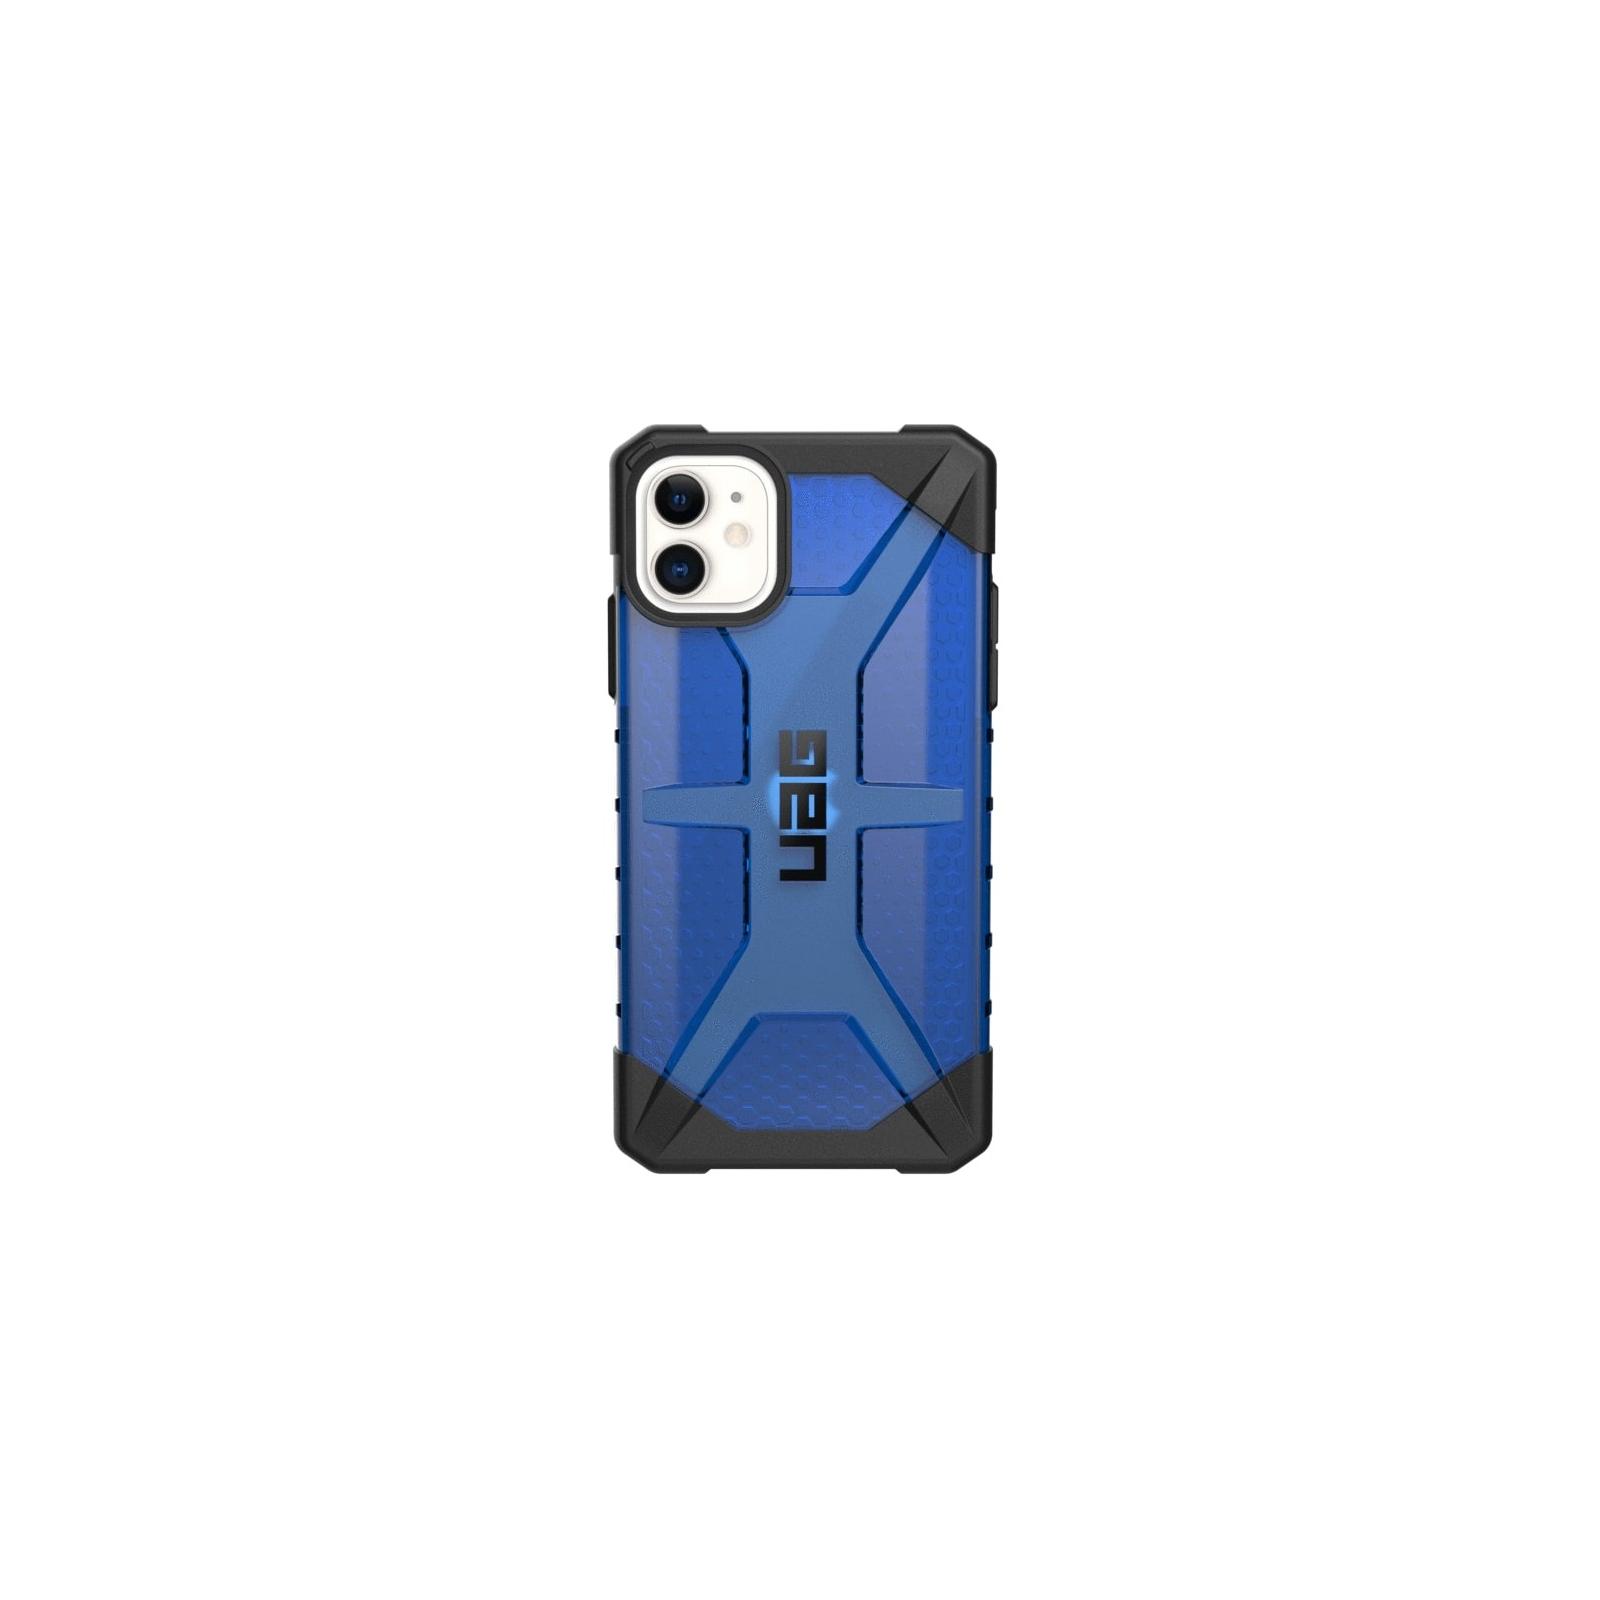 Чехол для моб. телефона Uag iPhone 11 Plasma, Ash (111713113131) изображение 4